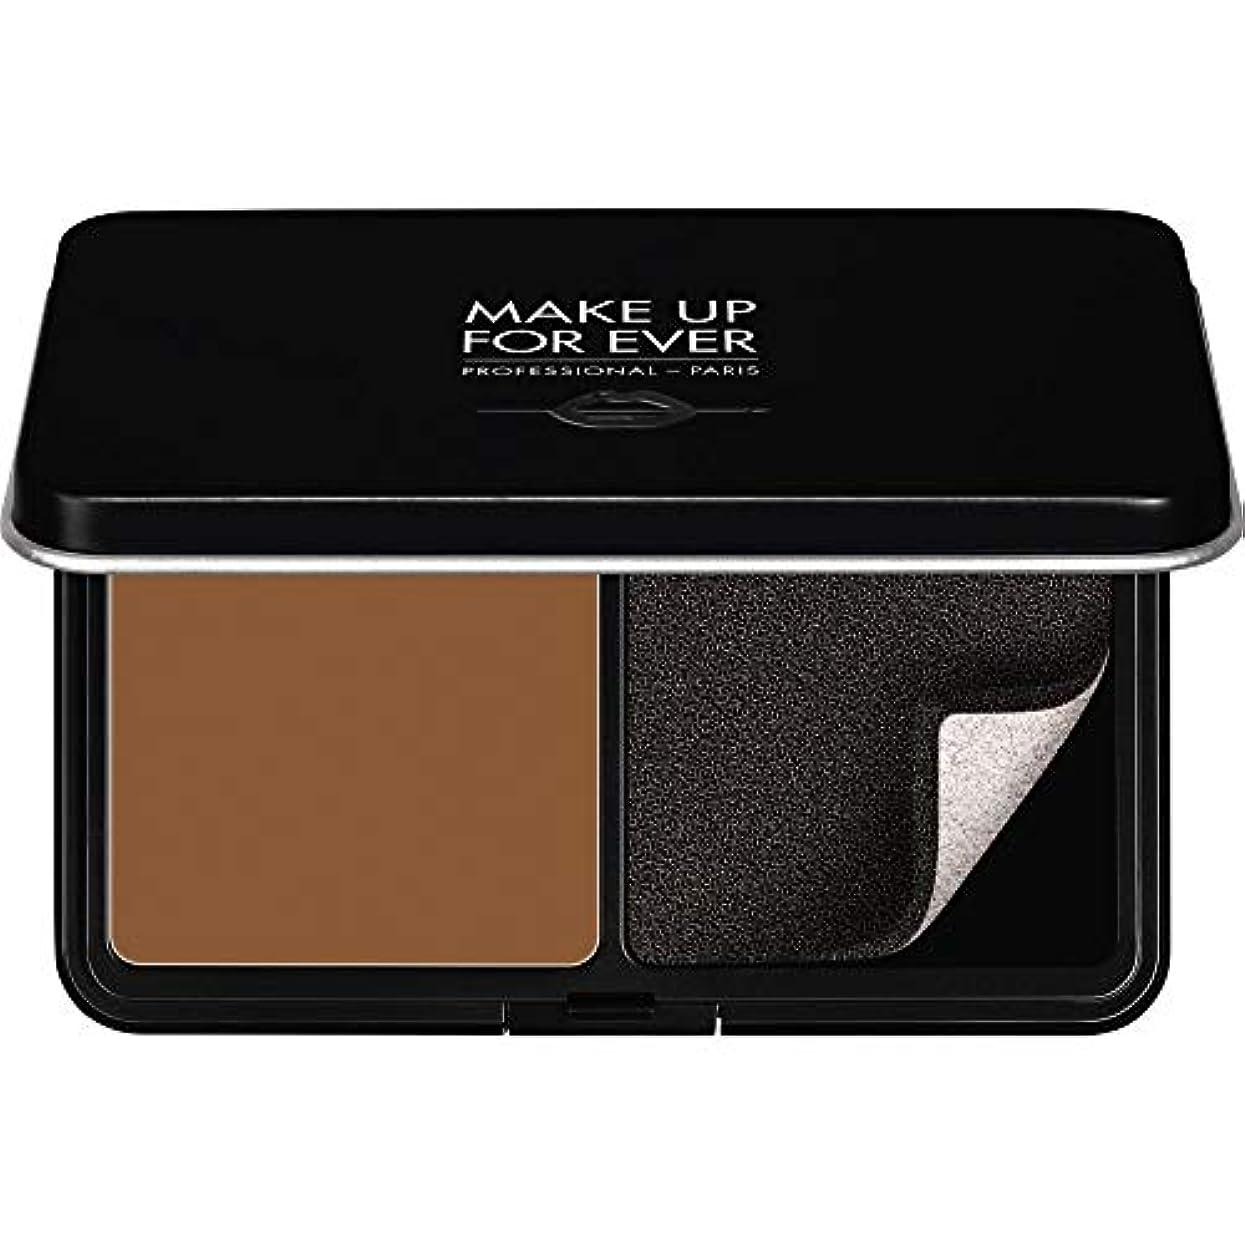 大惨事参照するまだら[MAKE UP FOR EVER] パウダーファンデーション11GののR530をぼかし、これまでマットベルベットの肌を補う - ブラウン - MAKE UP FOR EVER Matte Velvet Skin Blurring Powder Foundation 11g R530 - Brown [並行輸入品]